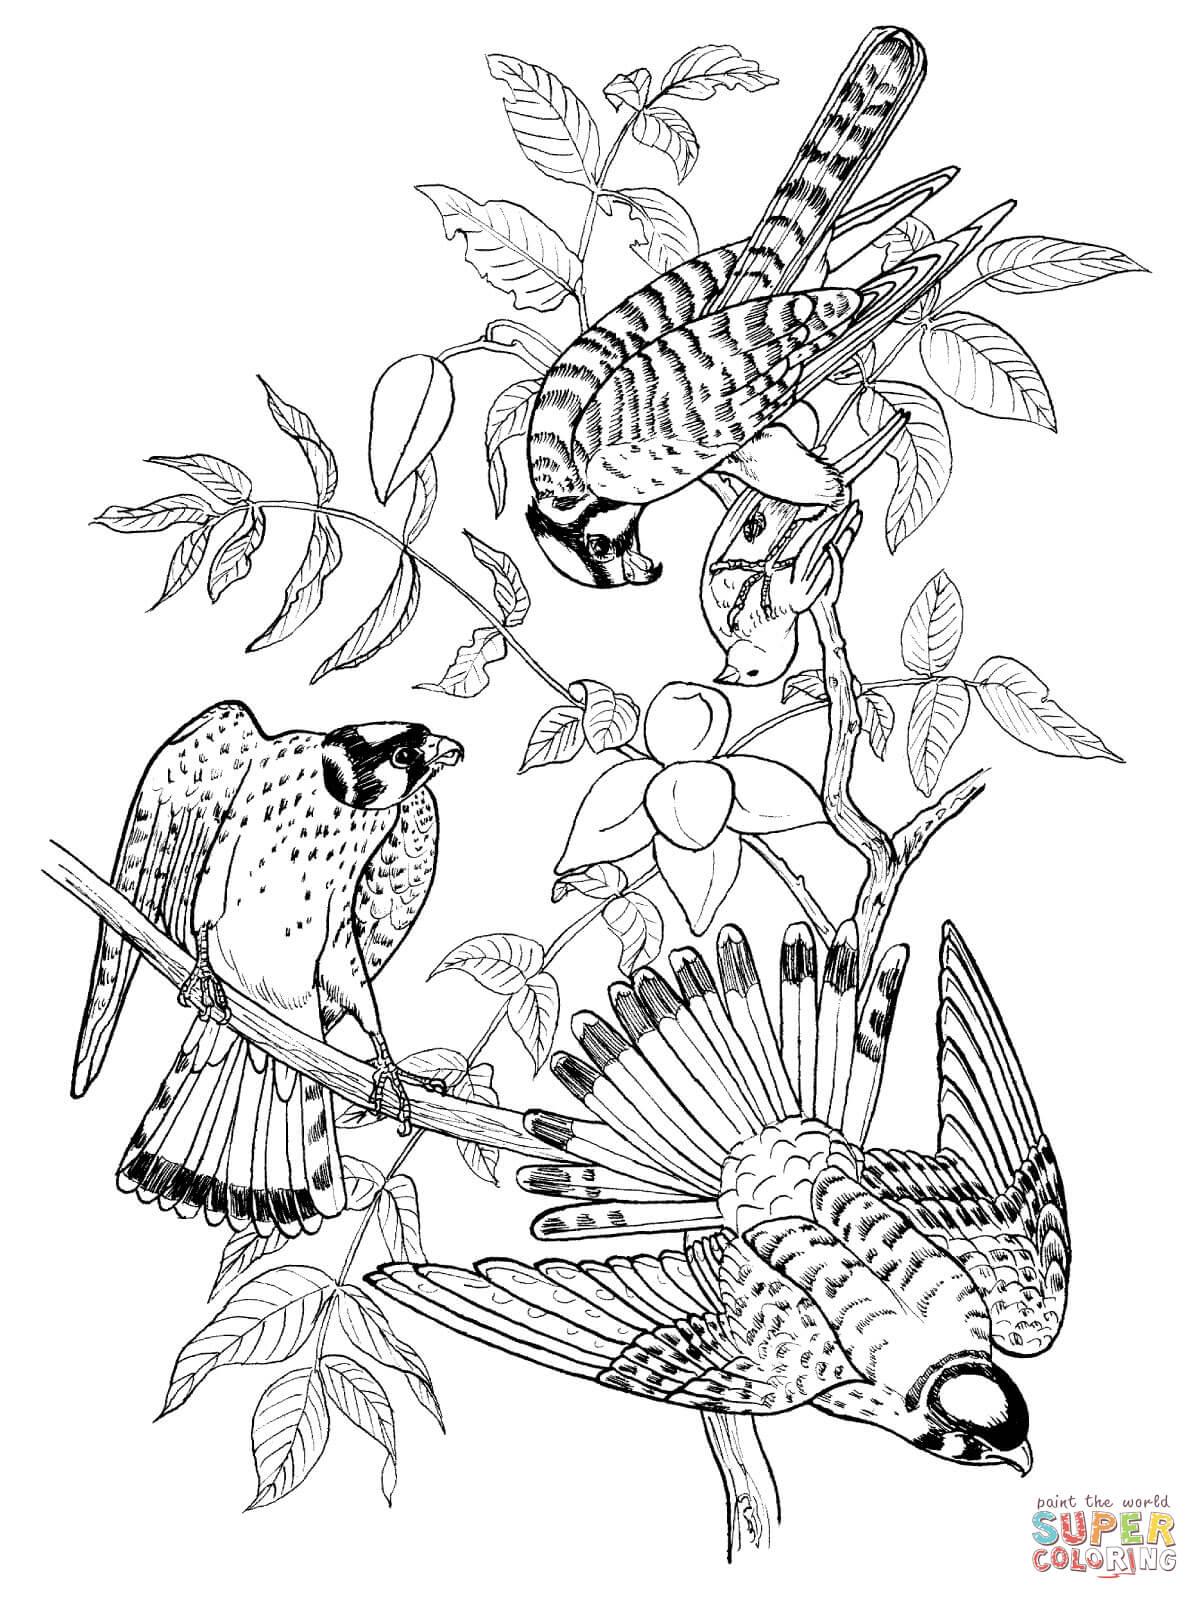 Kestrel coloring #7, Download drawings